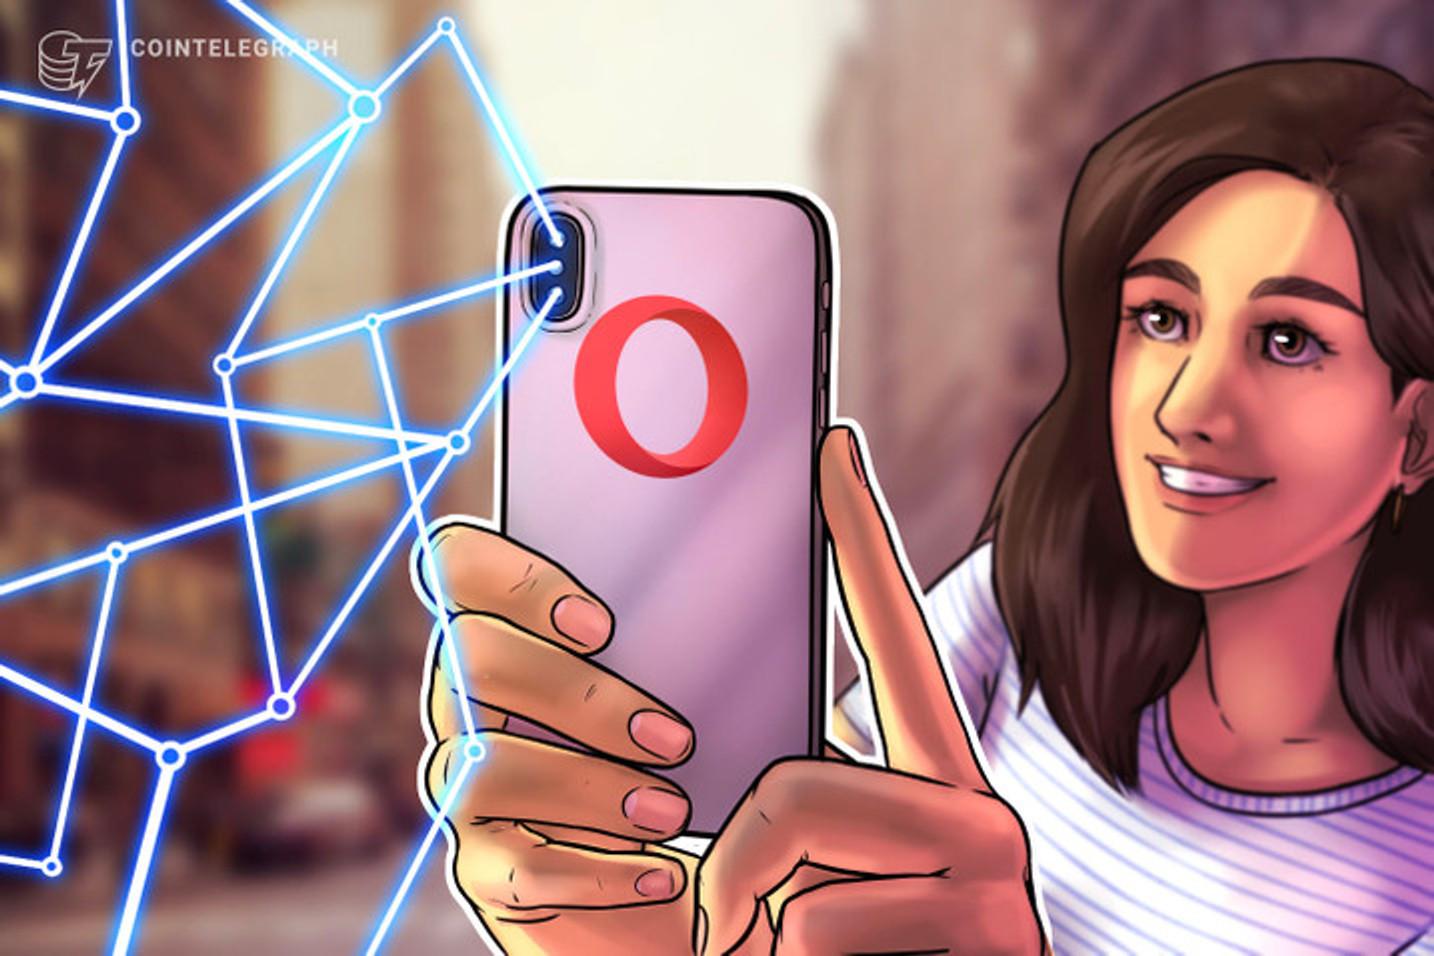 Opera Limited anunció el lanzamiento en México de su servicio fintech Nanobank